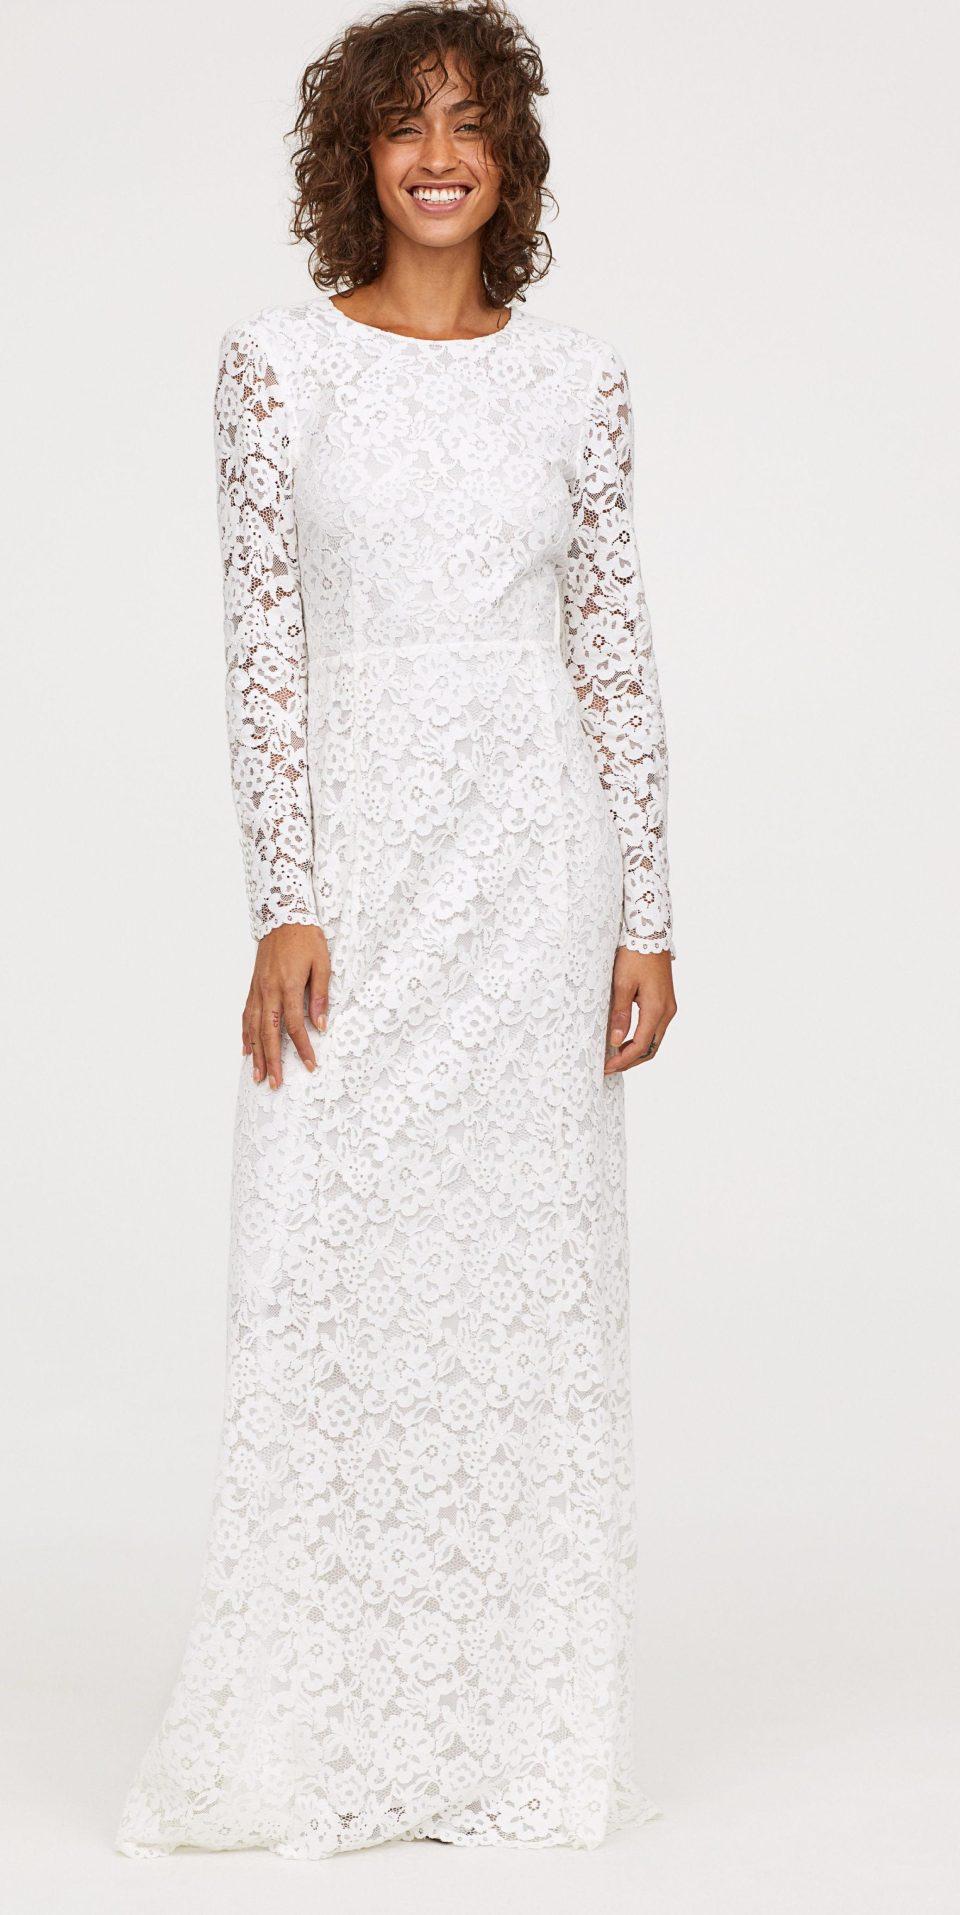 Váy cưới giá chỉ từ 1 triệu đồng cho cô dâu ngân sách eo hẹp Ảnh 6